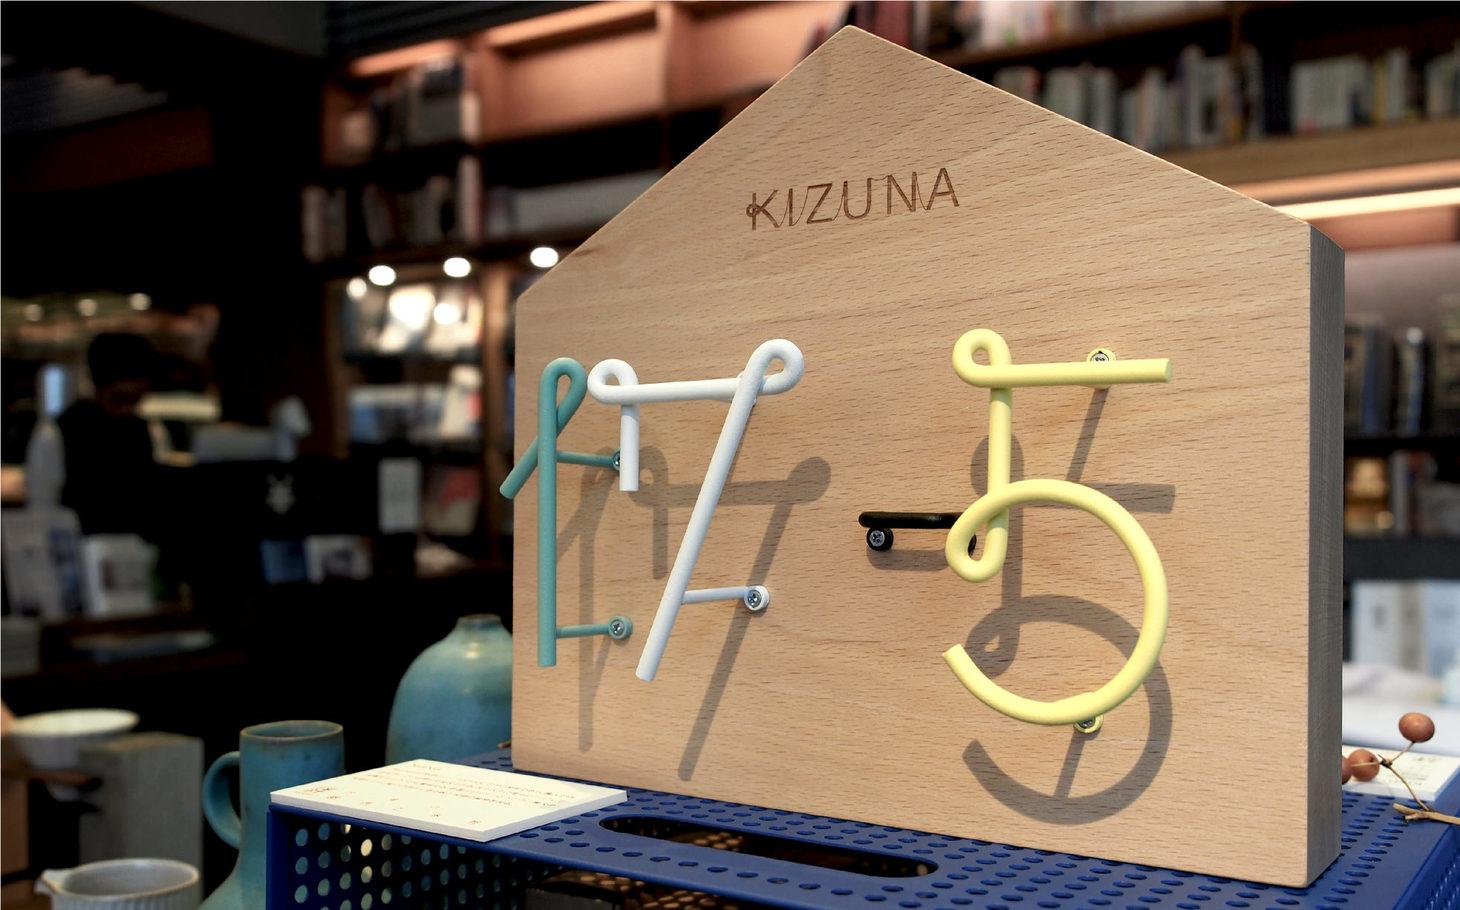 kizuna_06.jpg